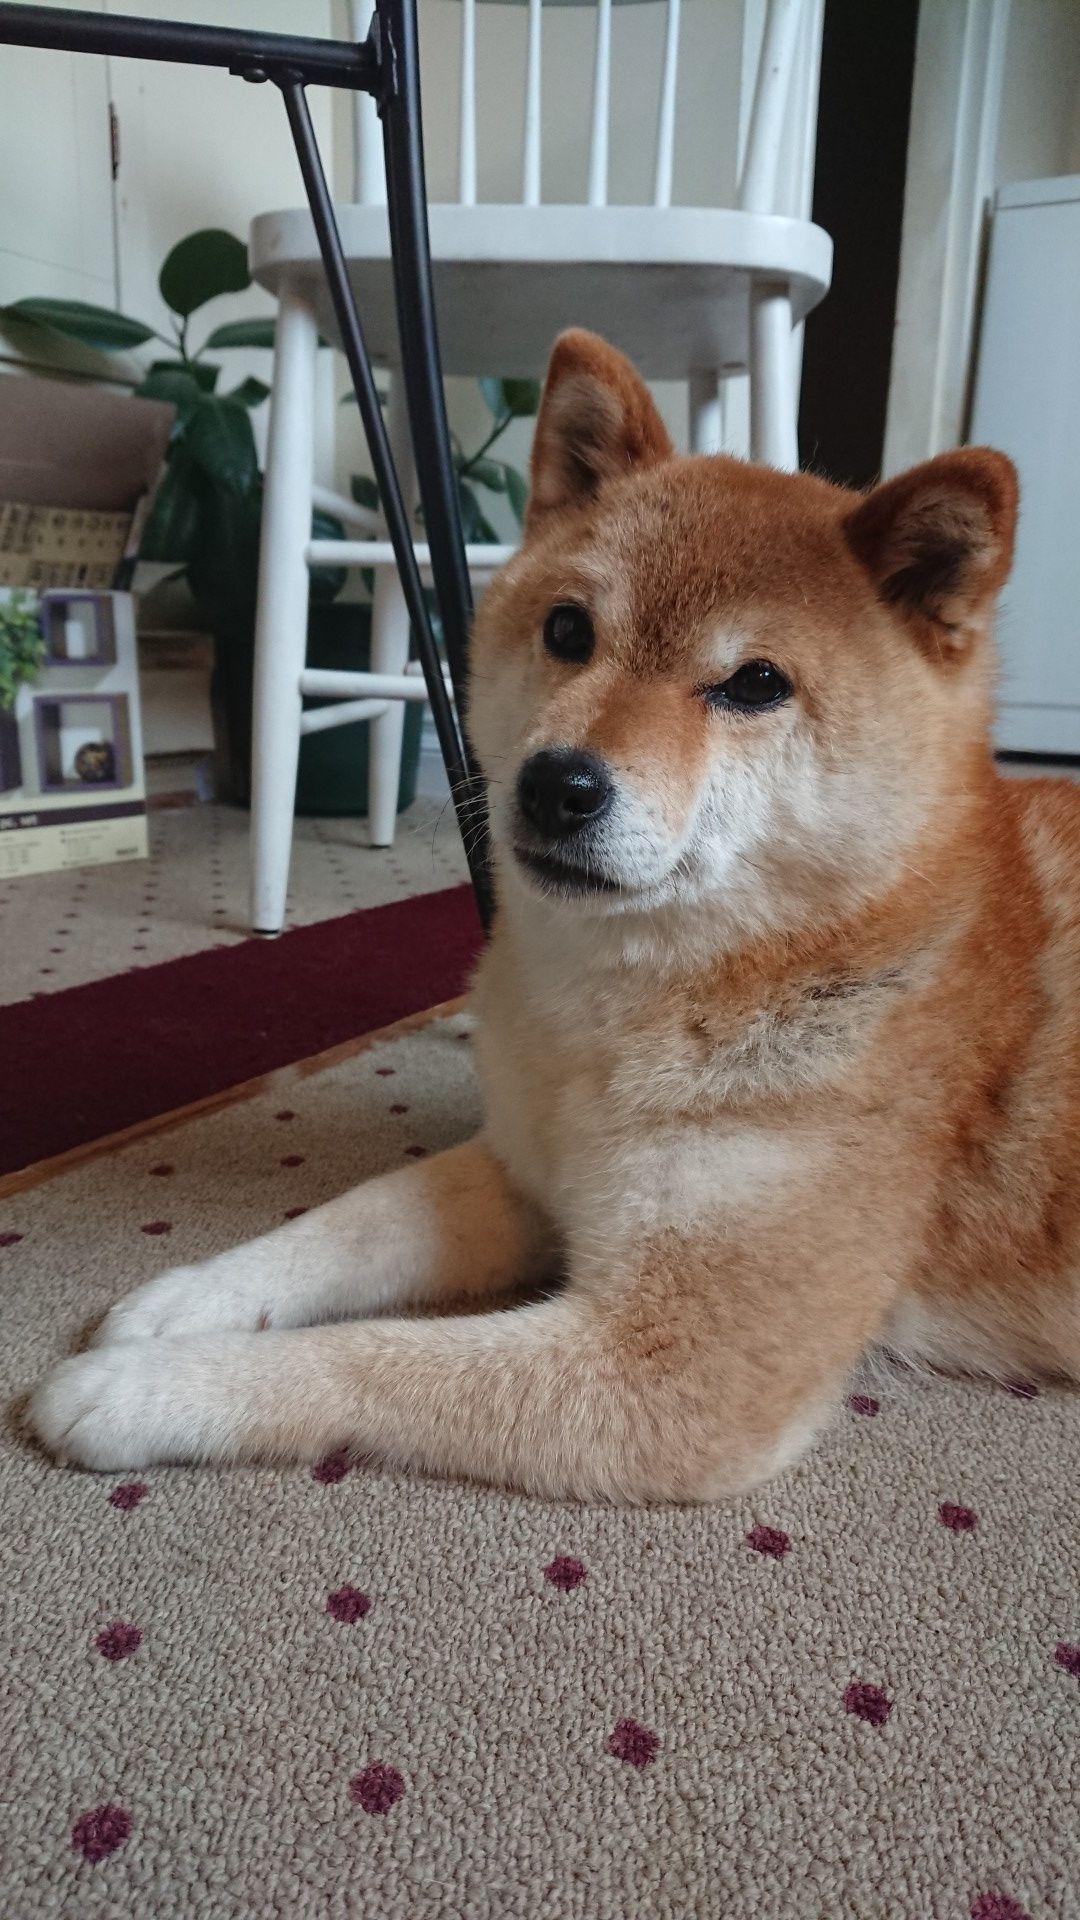 Good Morning Shibainu Shibainupuppies Shiba Inu Puppy